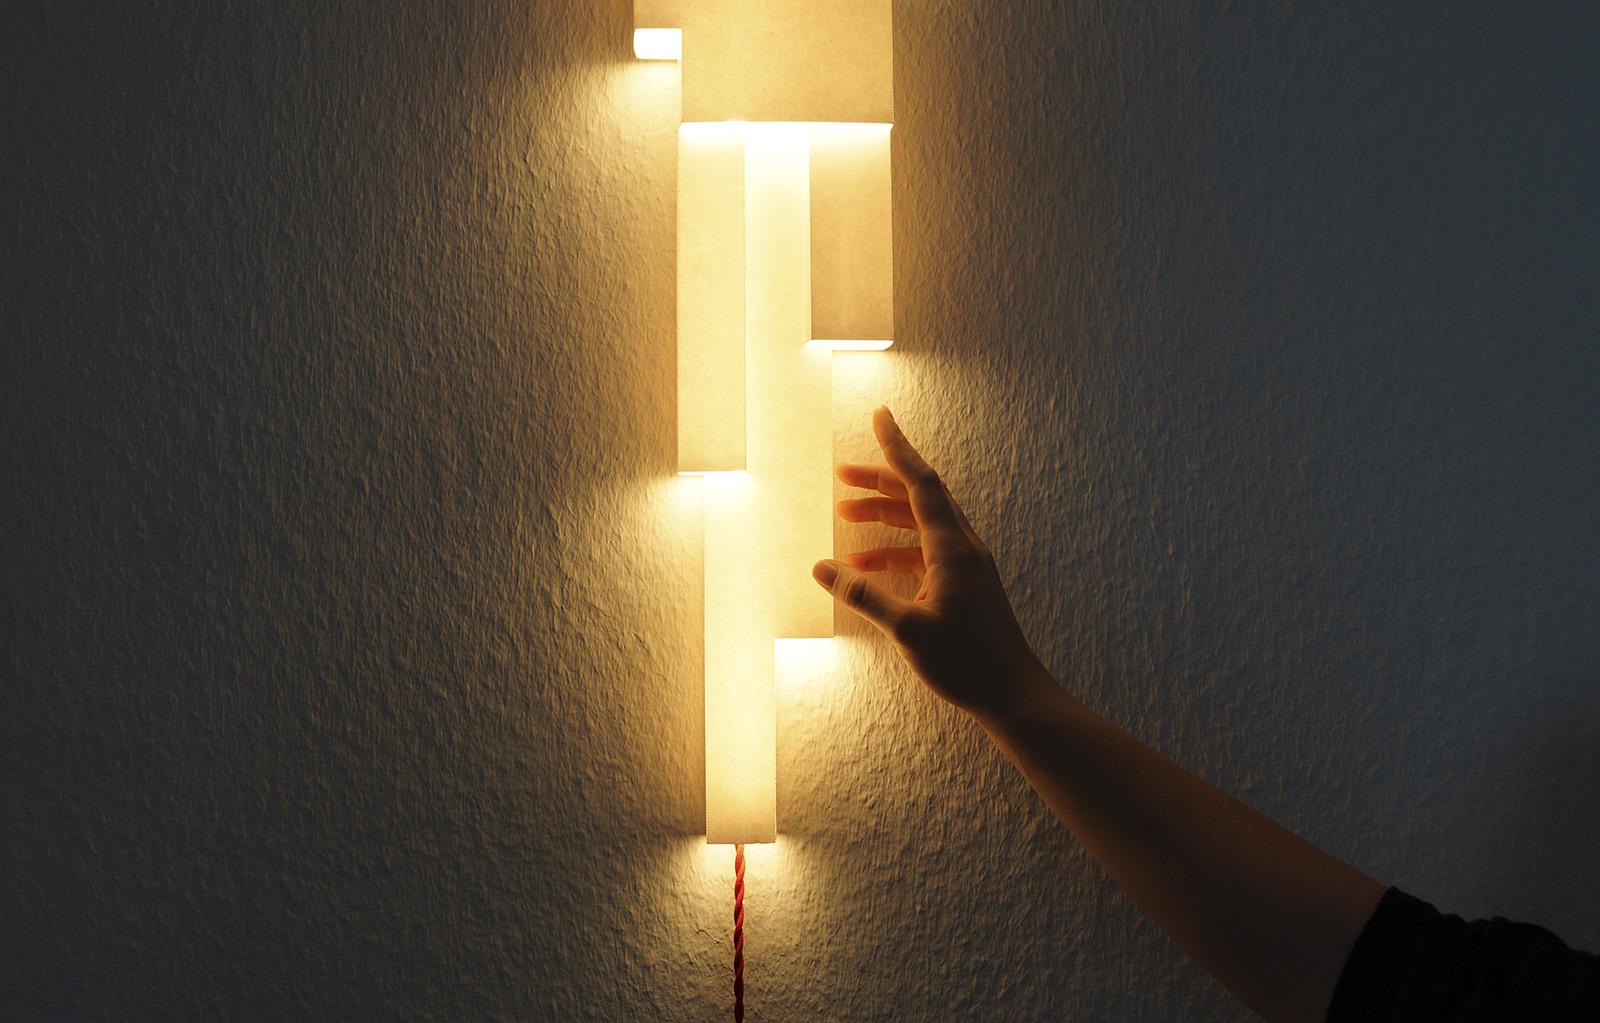 Stimmungsvolles Licht LightFold mit Hand